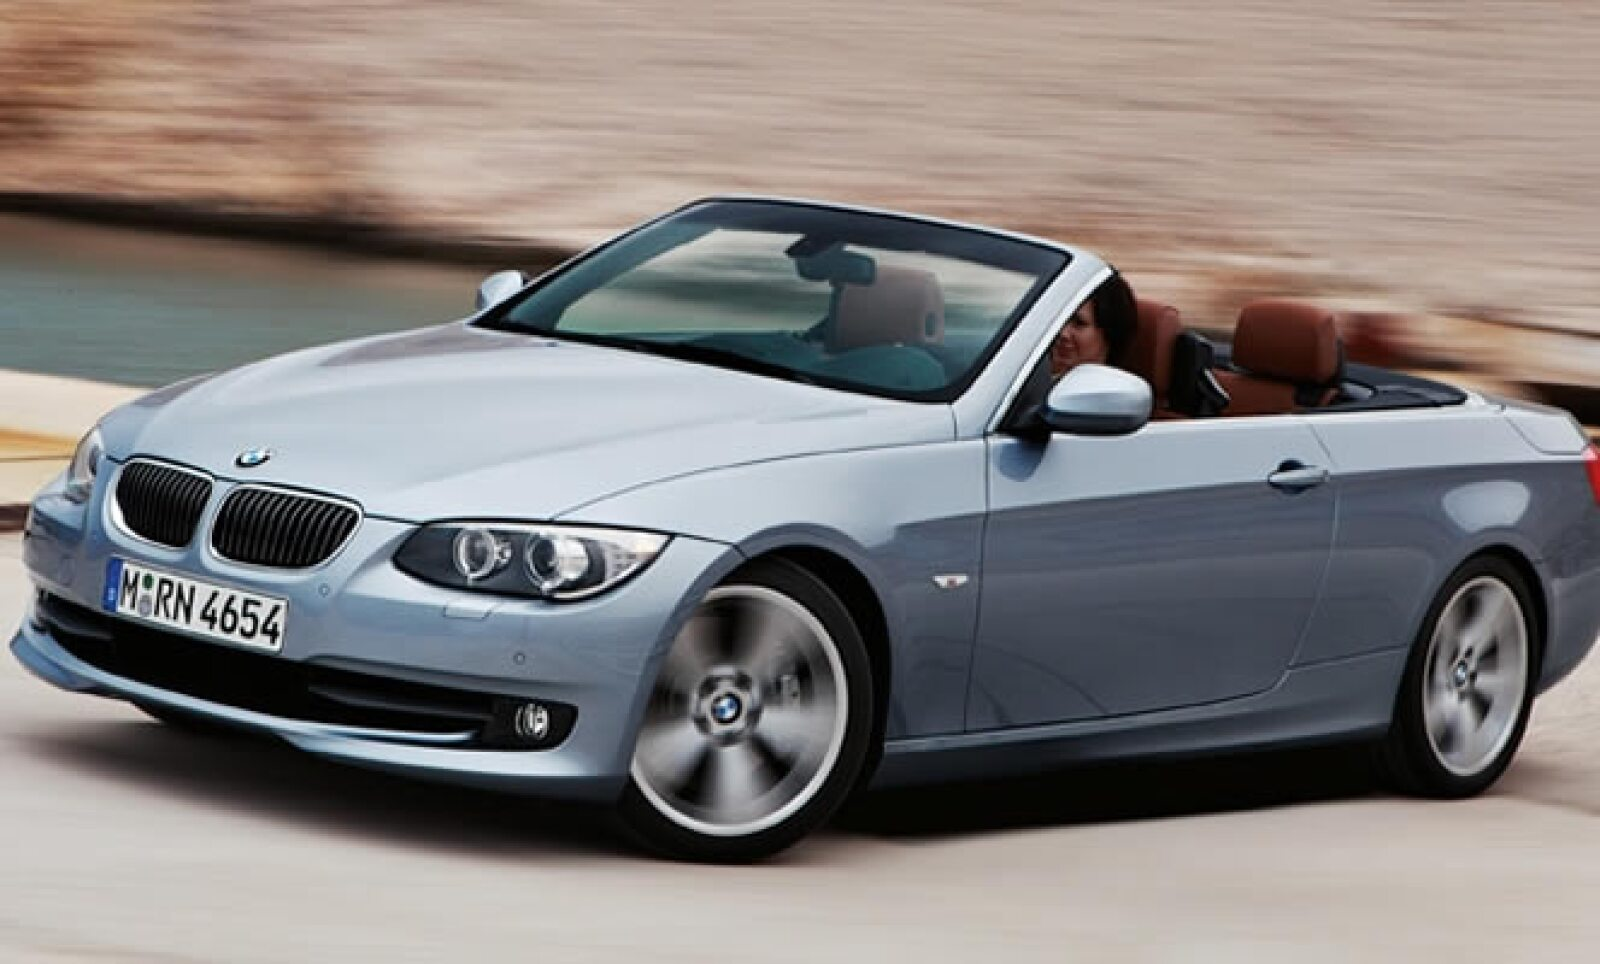 Por su parte, el BMW 320d Efficient Dynamics Edition, combina un consumo de combustible diésel de apenas 4.1 litros a los 100 kilómetros, con un valor de CO2 de 109 gramos por kilómetro.